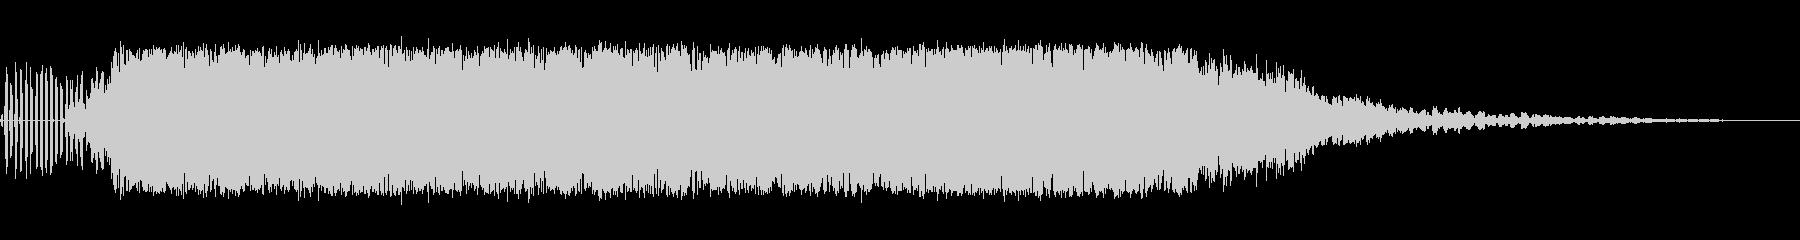 レーザーバズ1の未再生の波形